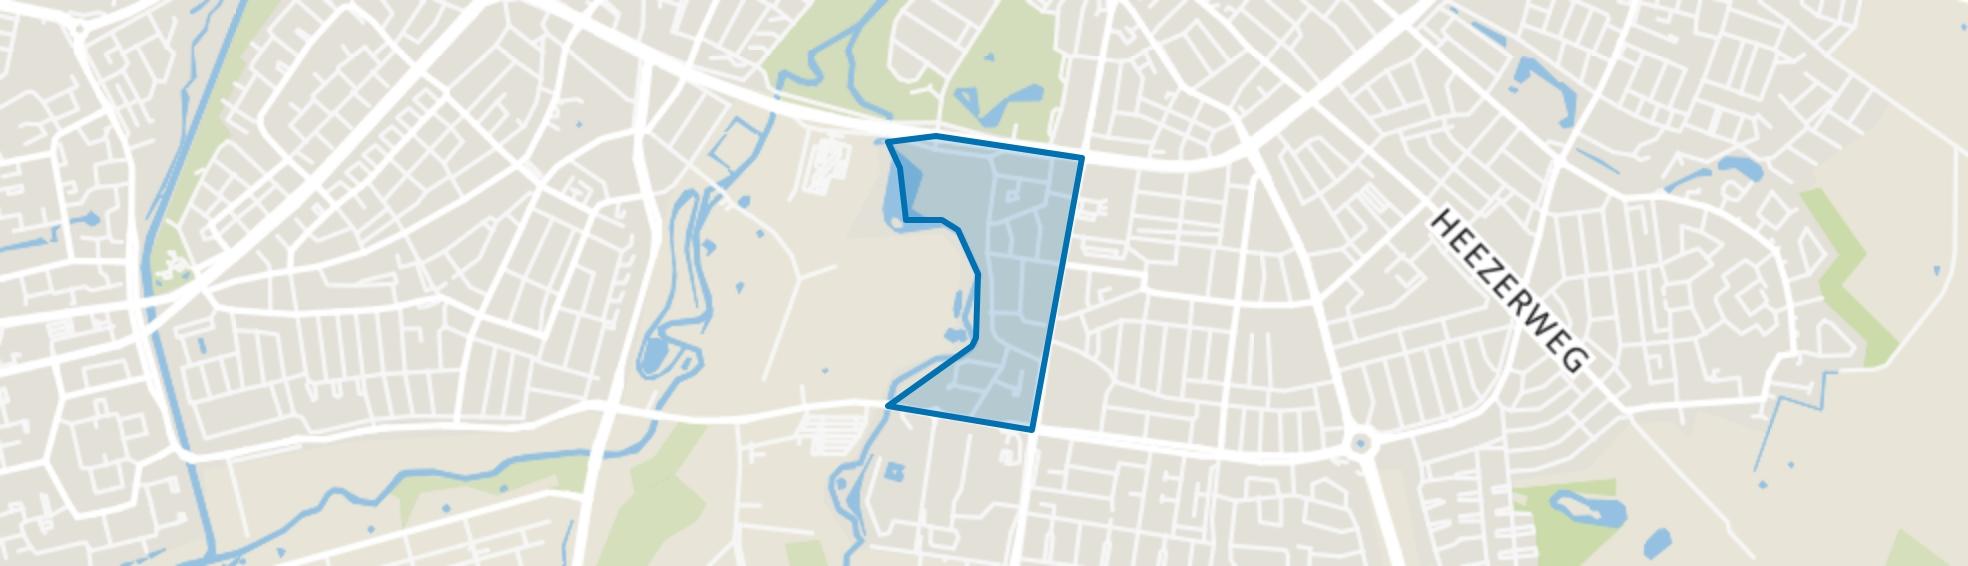 Genneperzijde, Eindhoven map